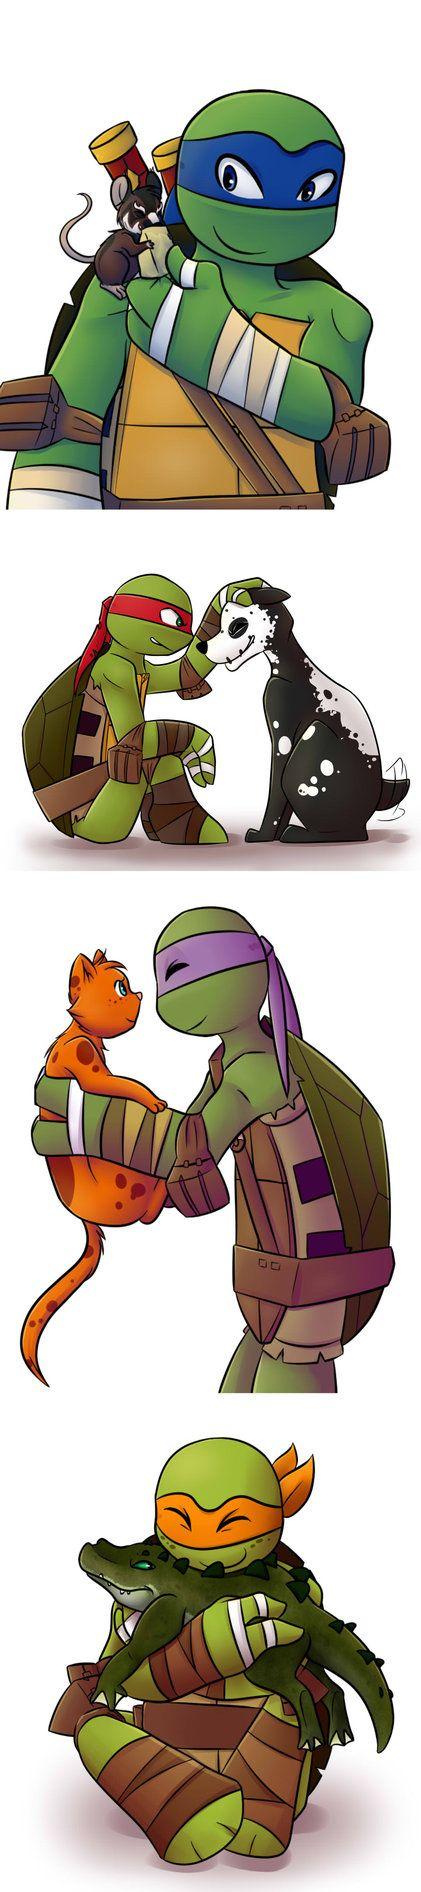 Turtles best friend by Jojodear